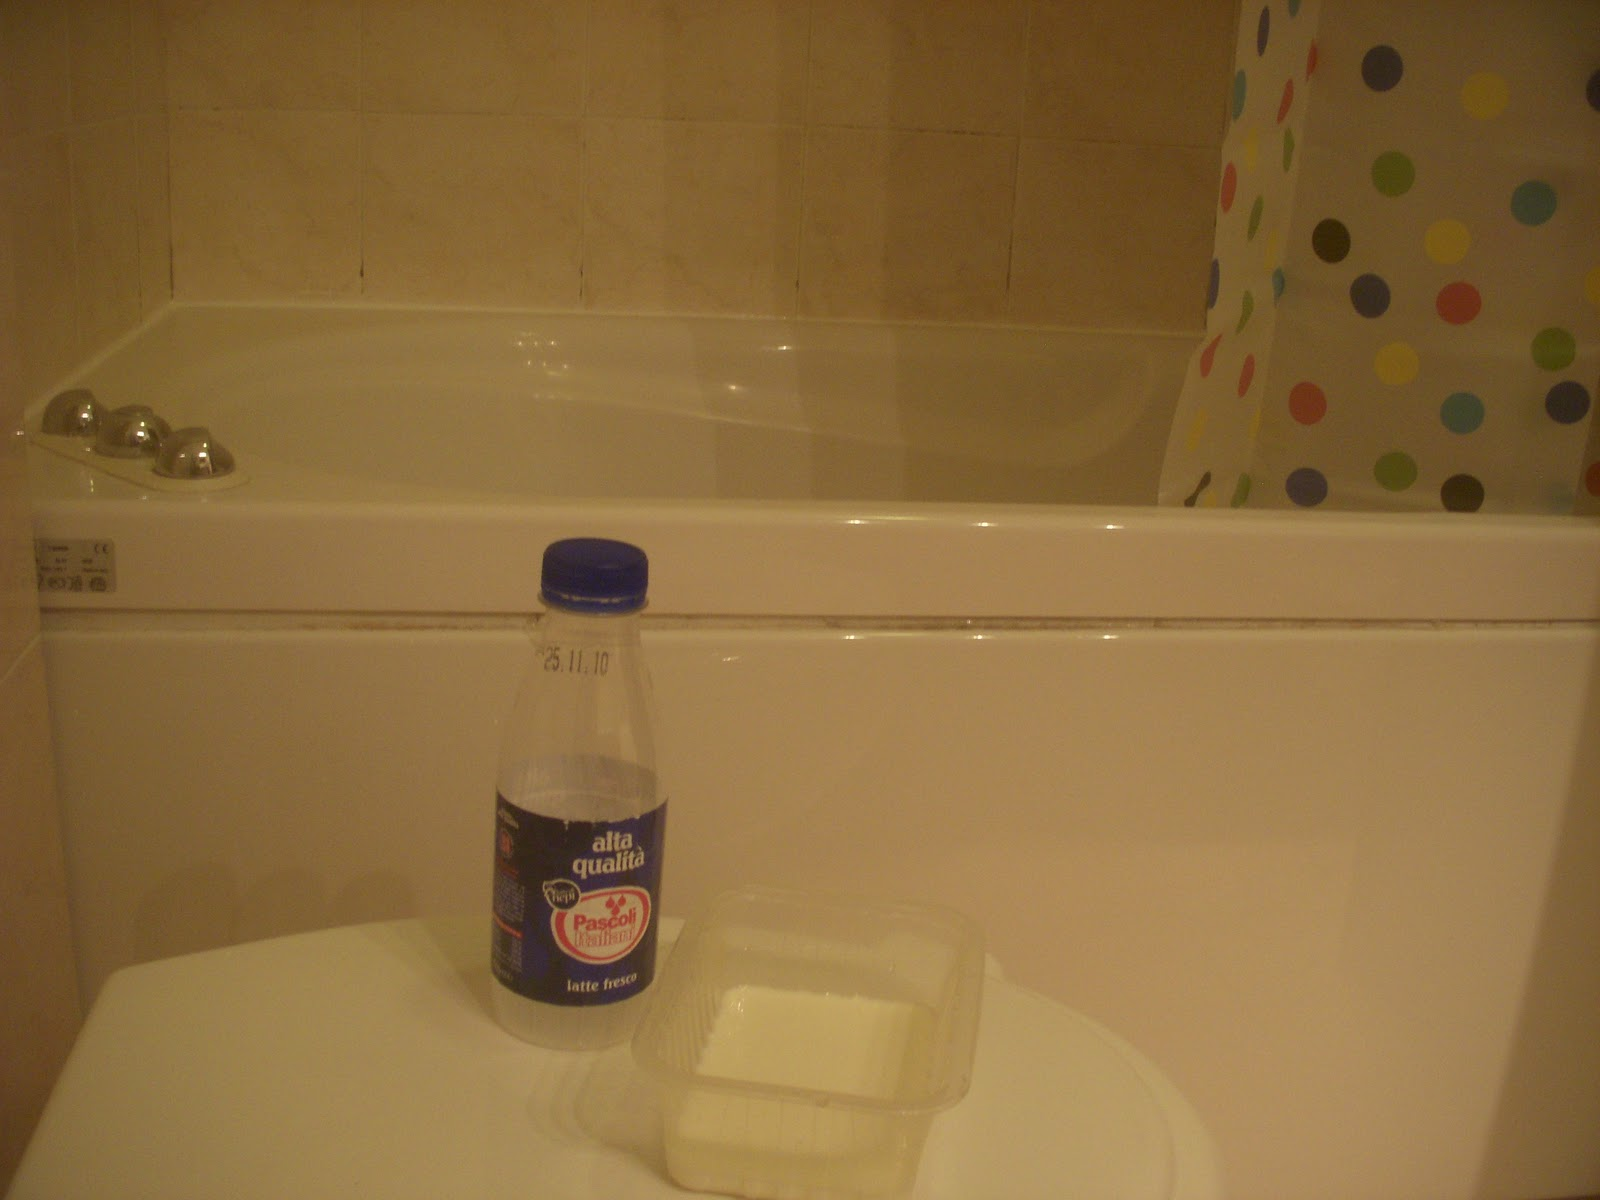 Il blog di lo puzza di vernice addio - Puzza di fogna in bagno ...